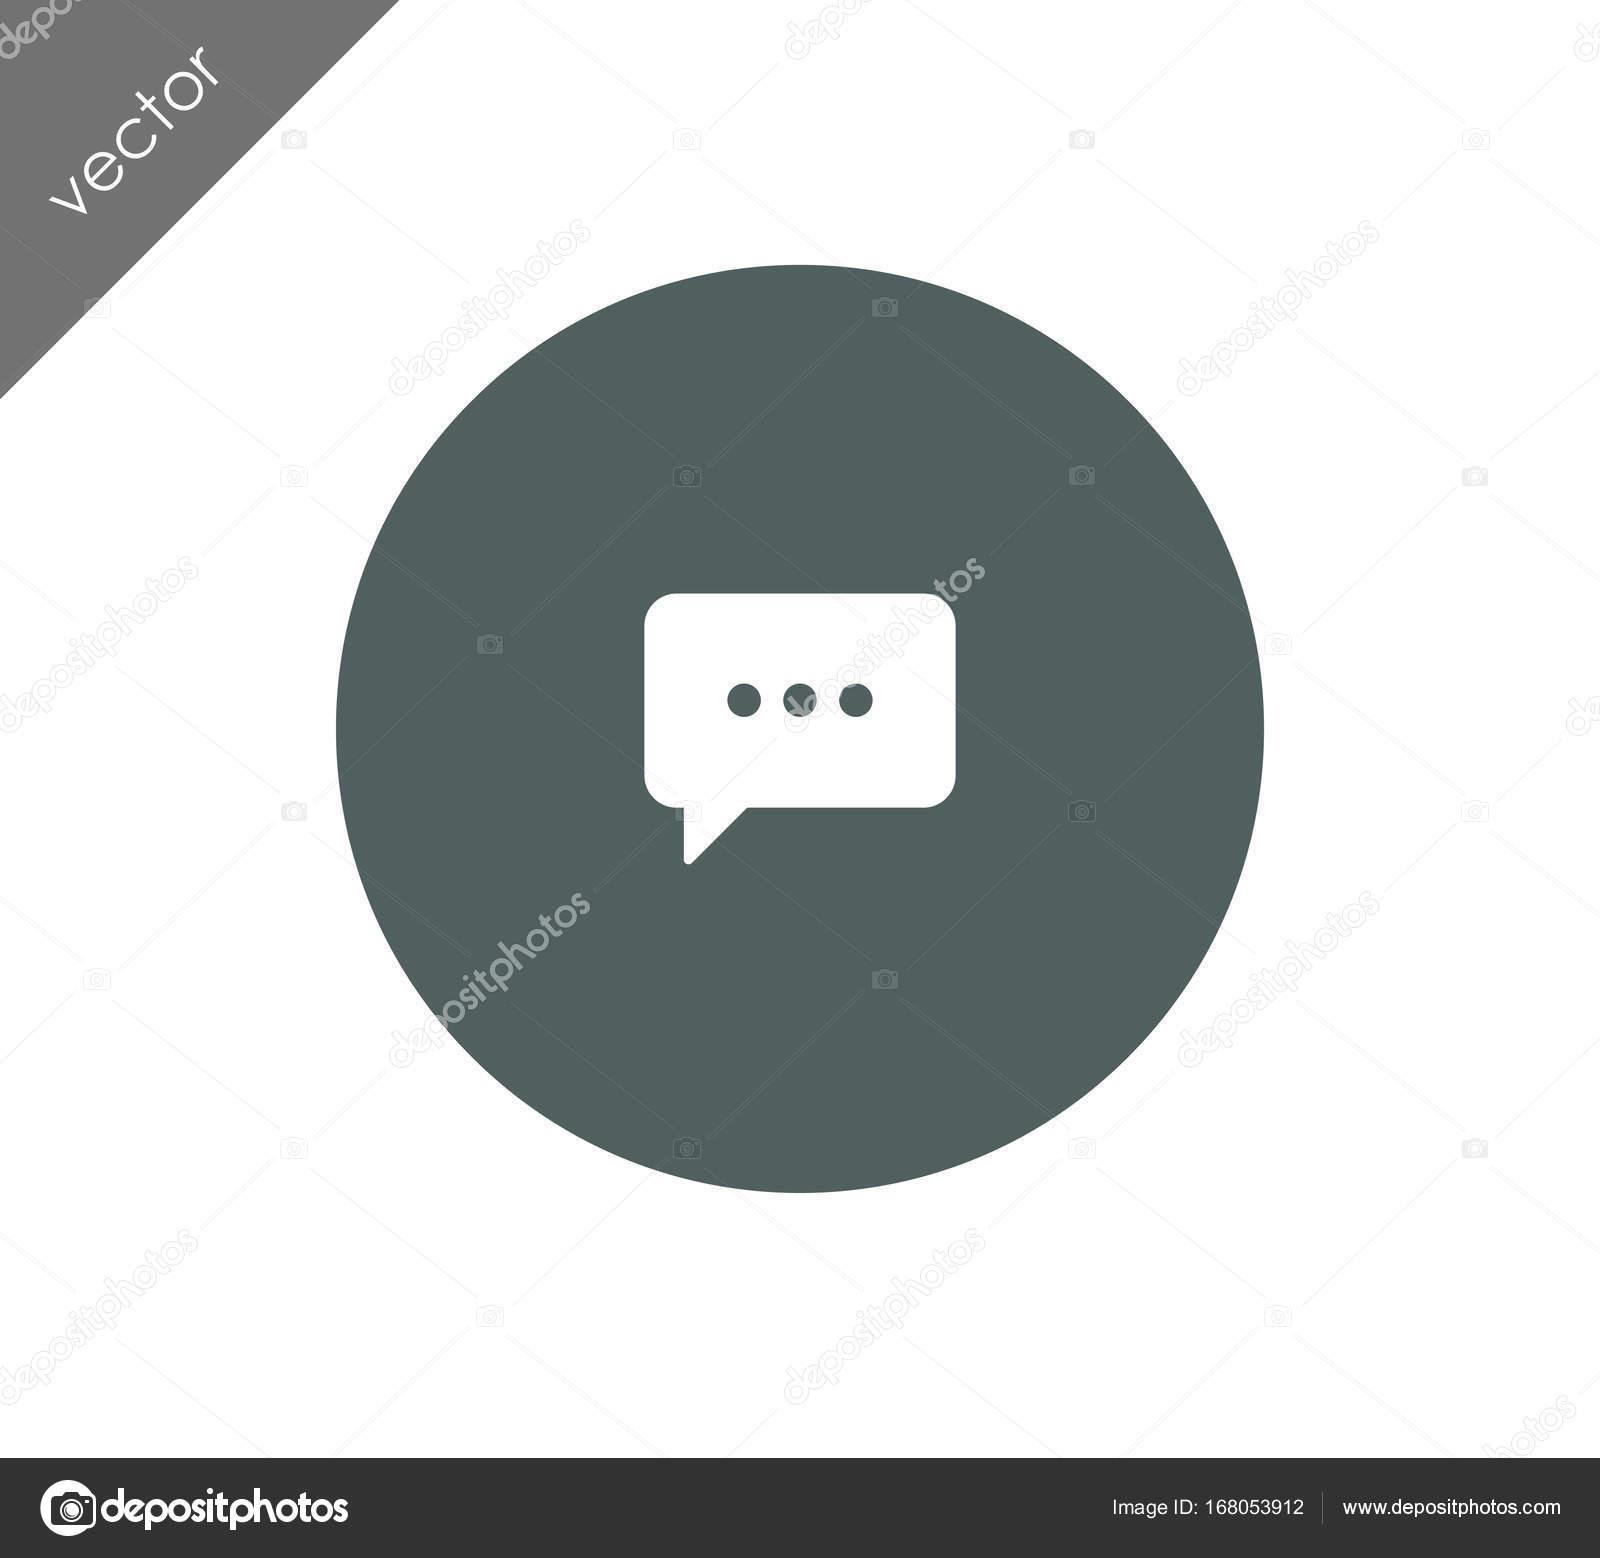 Sey chat